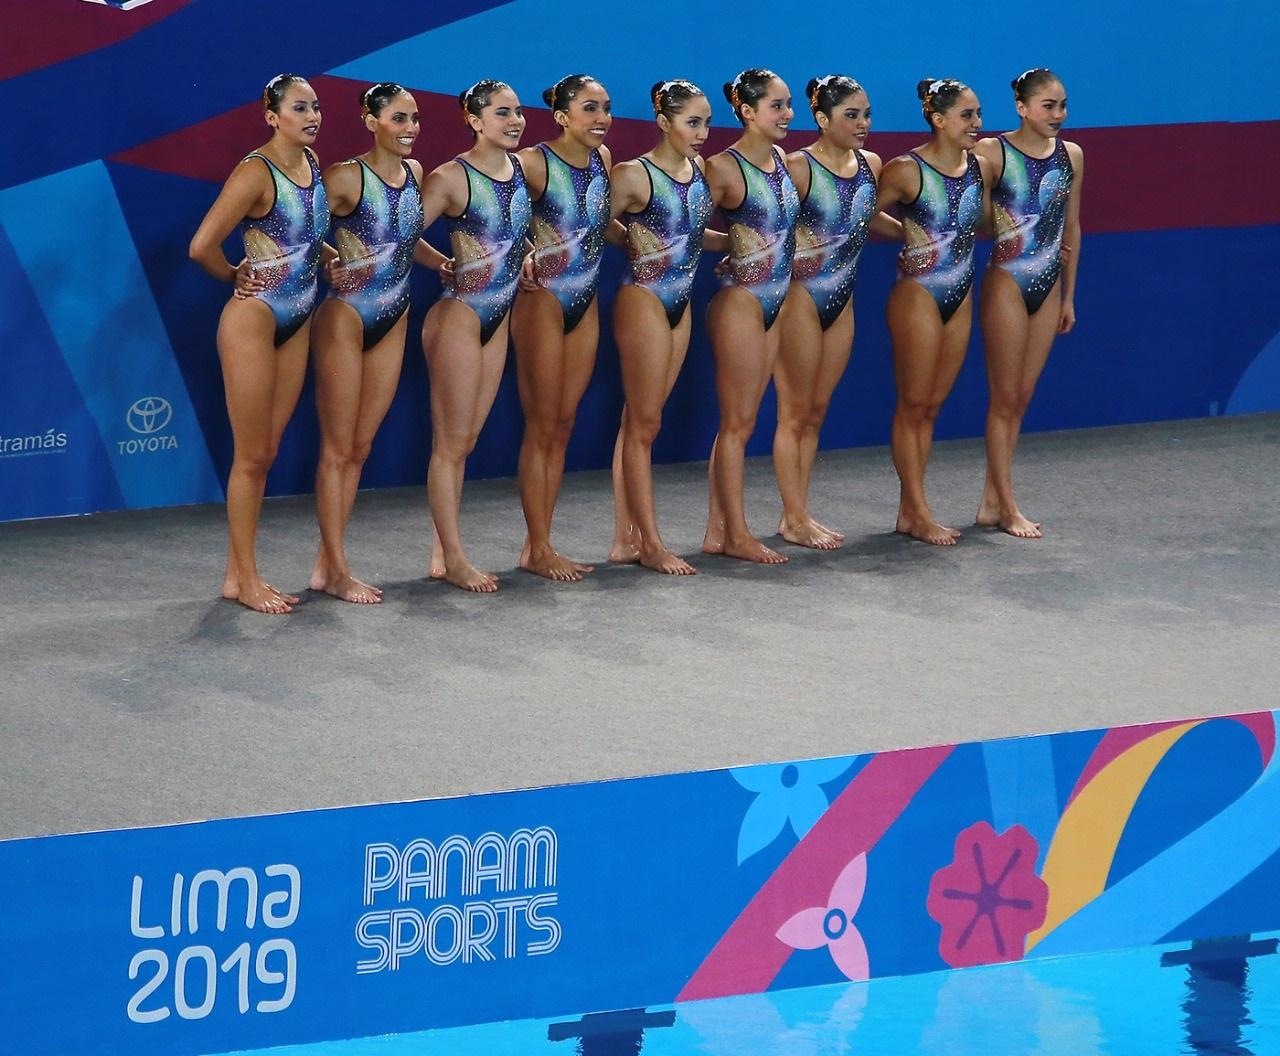 Sirenas se bañan de plata en Juegos Panamericanos Lima 2019